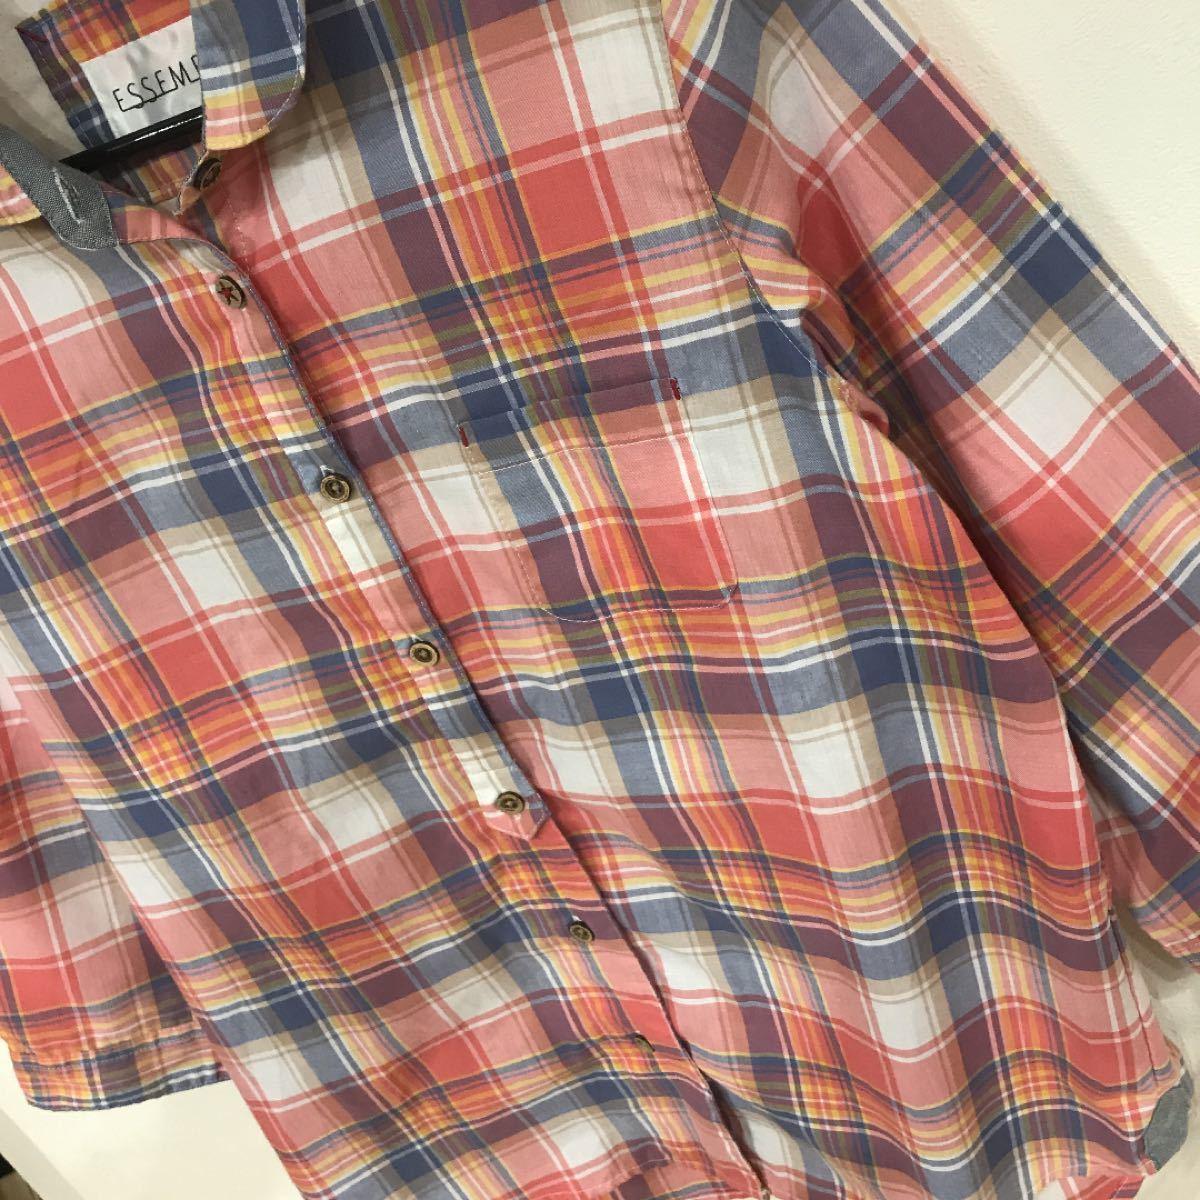 チェックシャツ 7分袖 チェック柄 ESSEME 美品